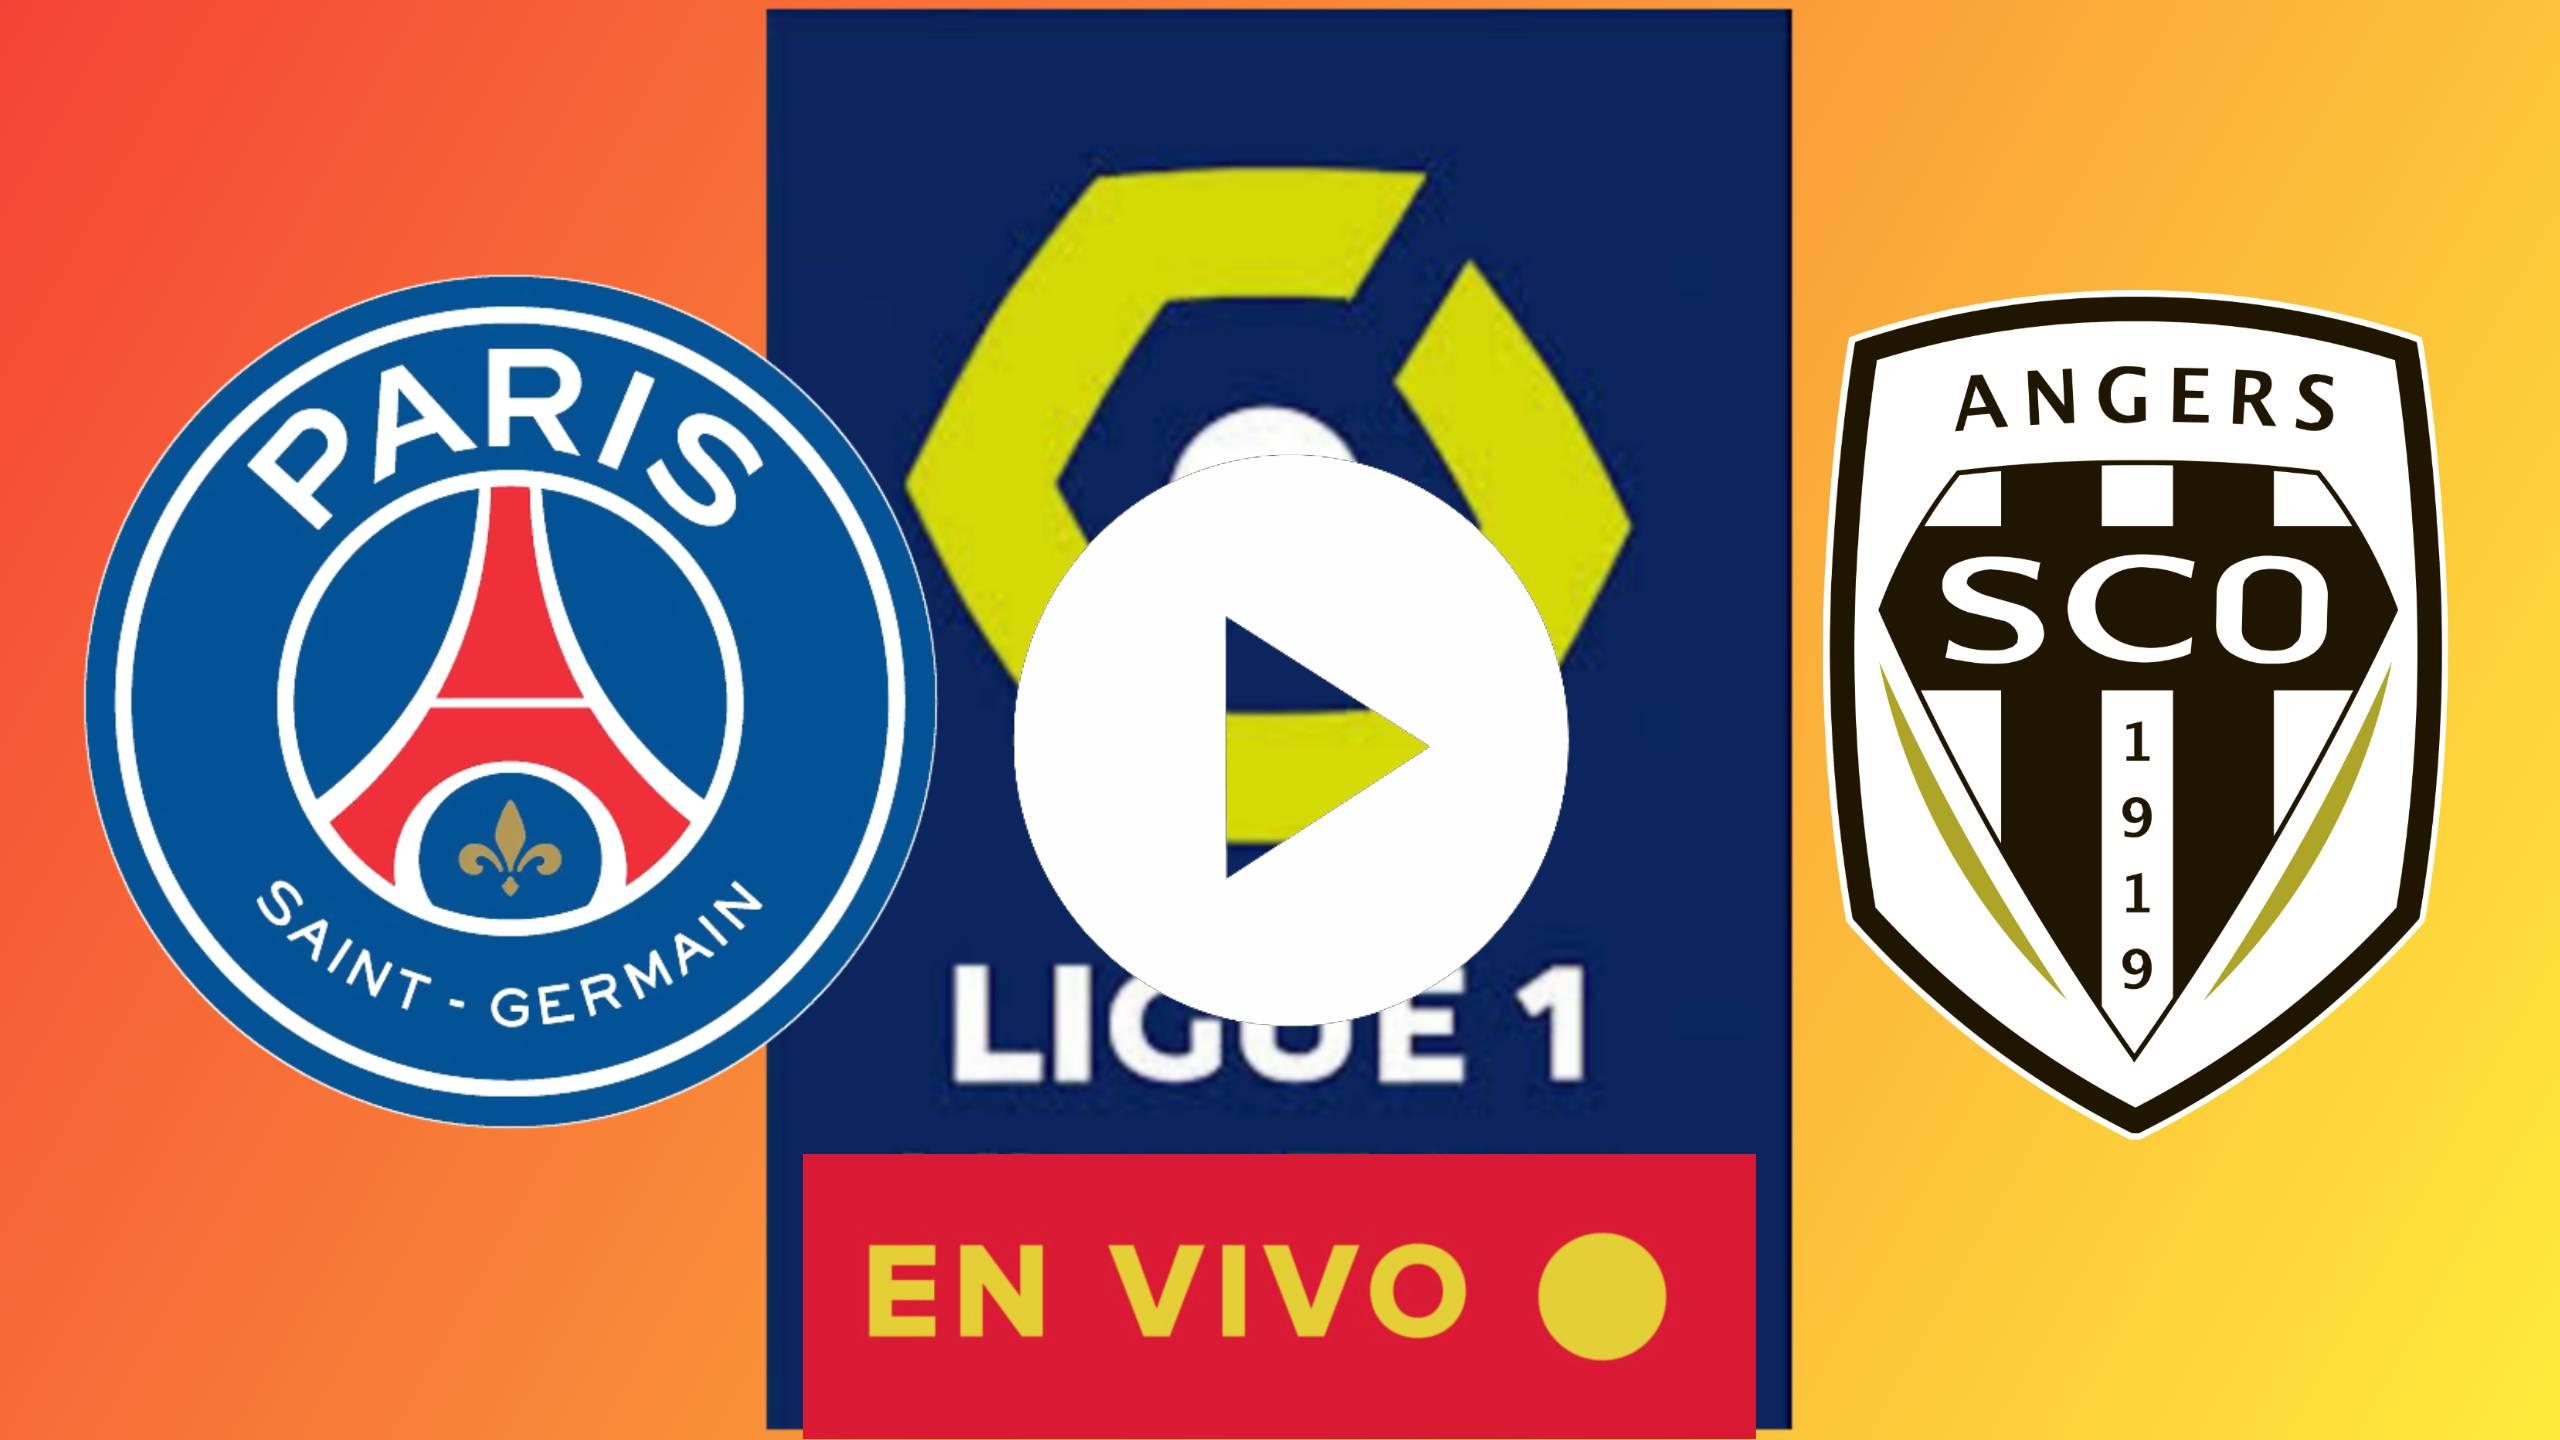 EN VIVO AQUI PSG vs Angers ONLINE EN VIVO